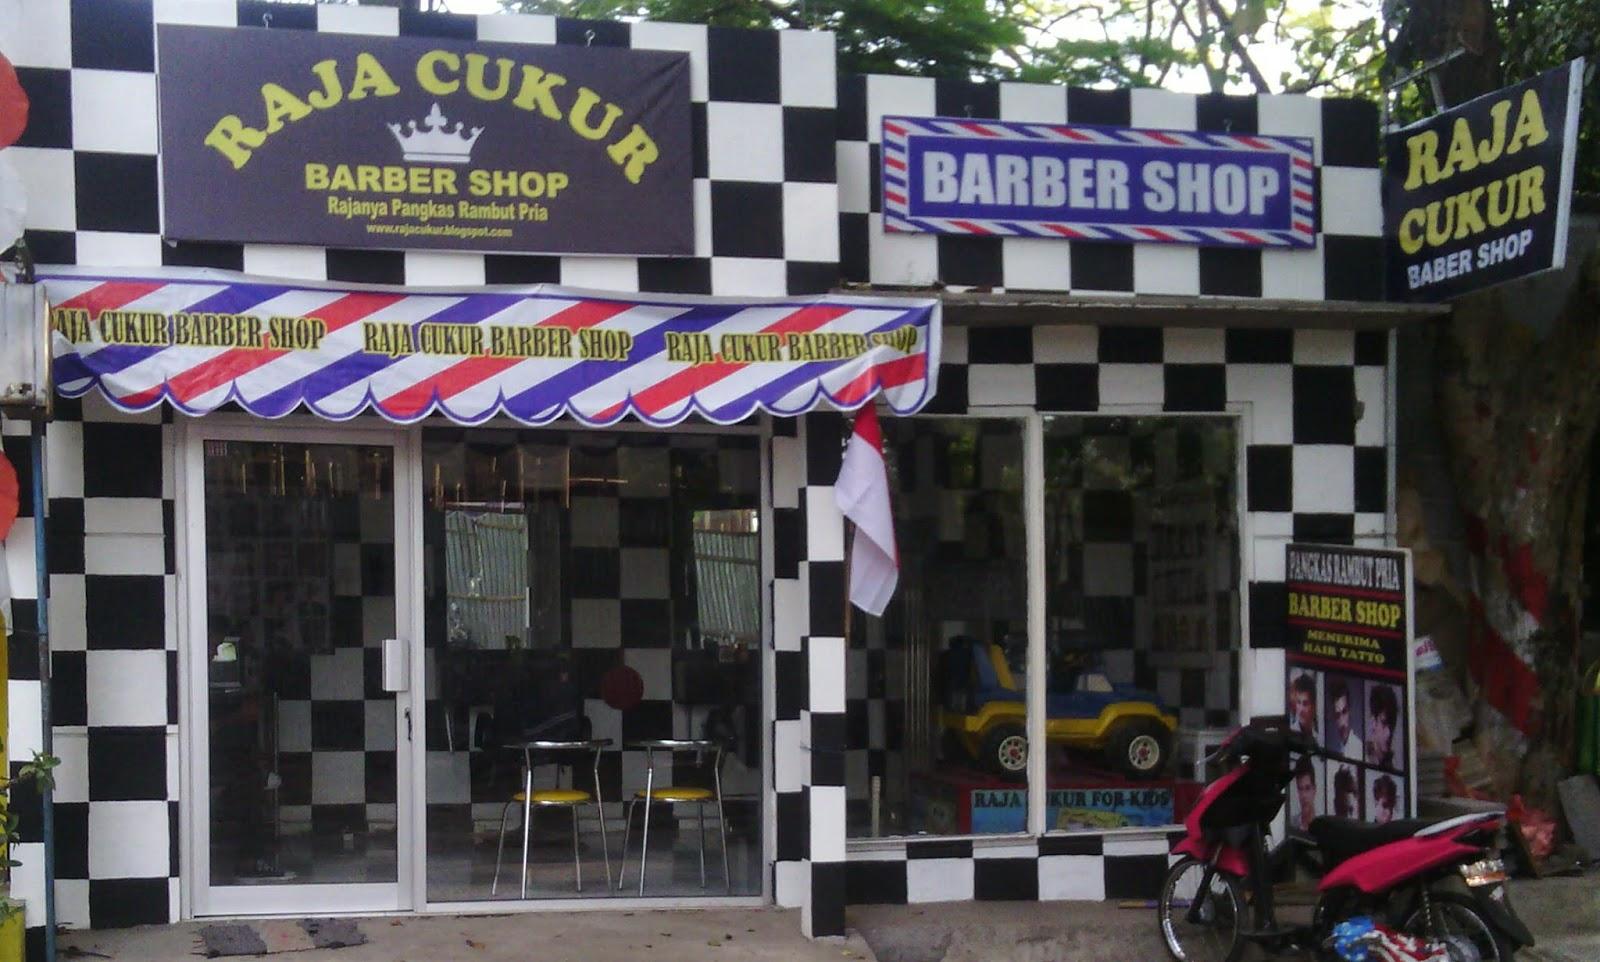 """RAJA CUKUR BARBERSHOP (Pusat franchise dan kursus barbershop cukur di  indonesia)  FRANCHISE BARBERSHOP MURAH   TANPA ROYALTY """"RAJA CUKUR"""" dan  PELATIHAN ... 050d51b099"""